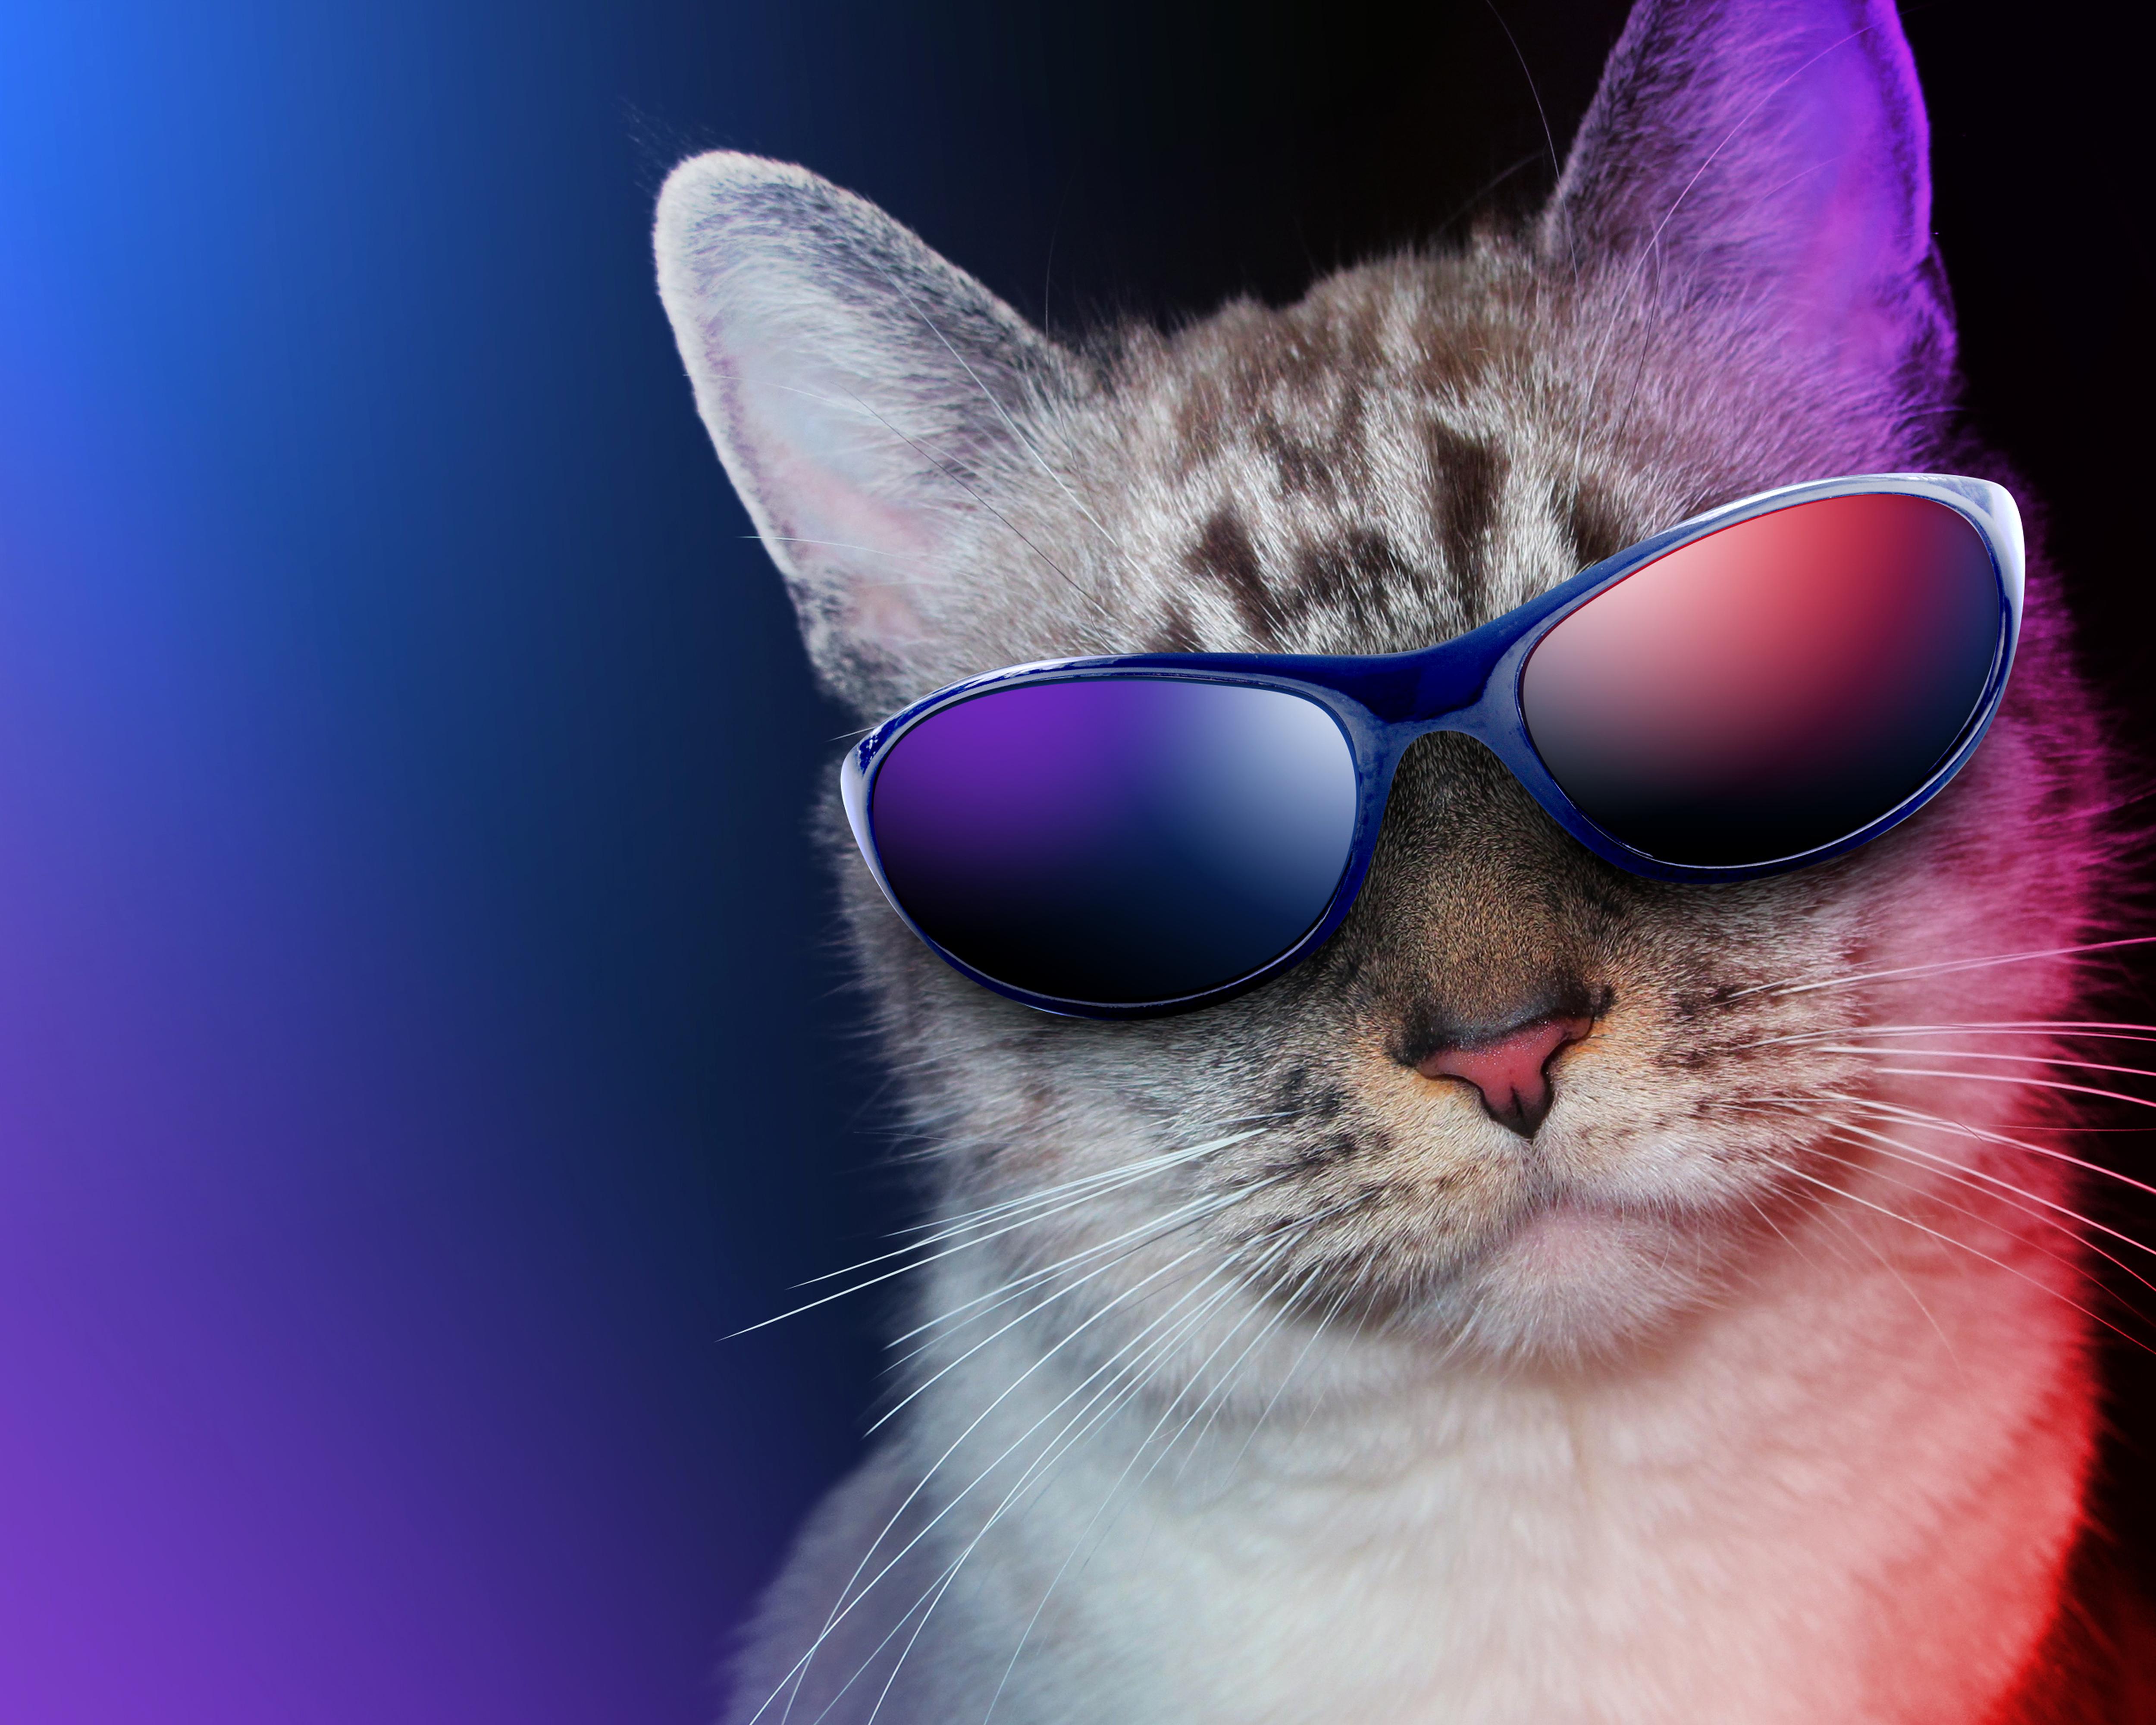 природа кот животное очки прикольное без смс